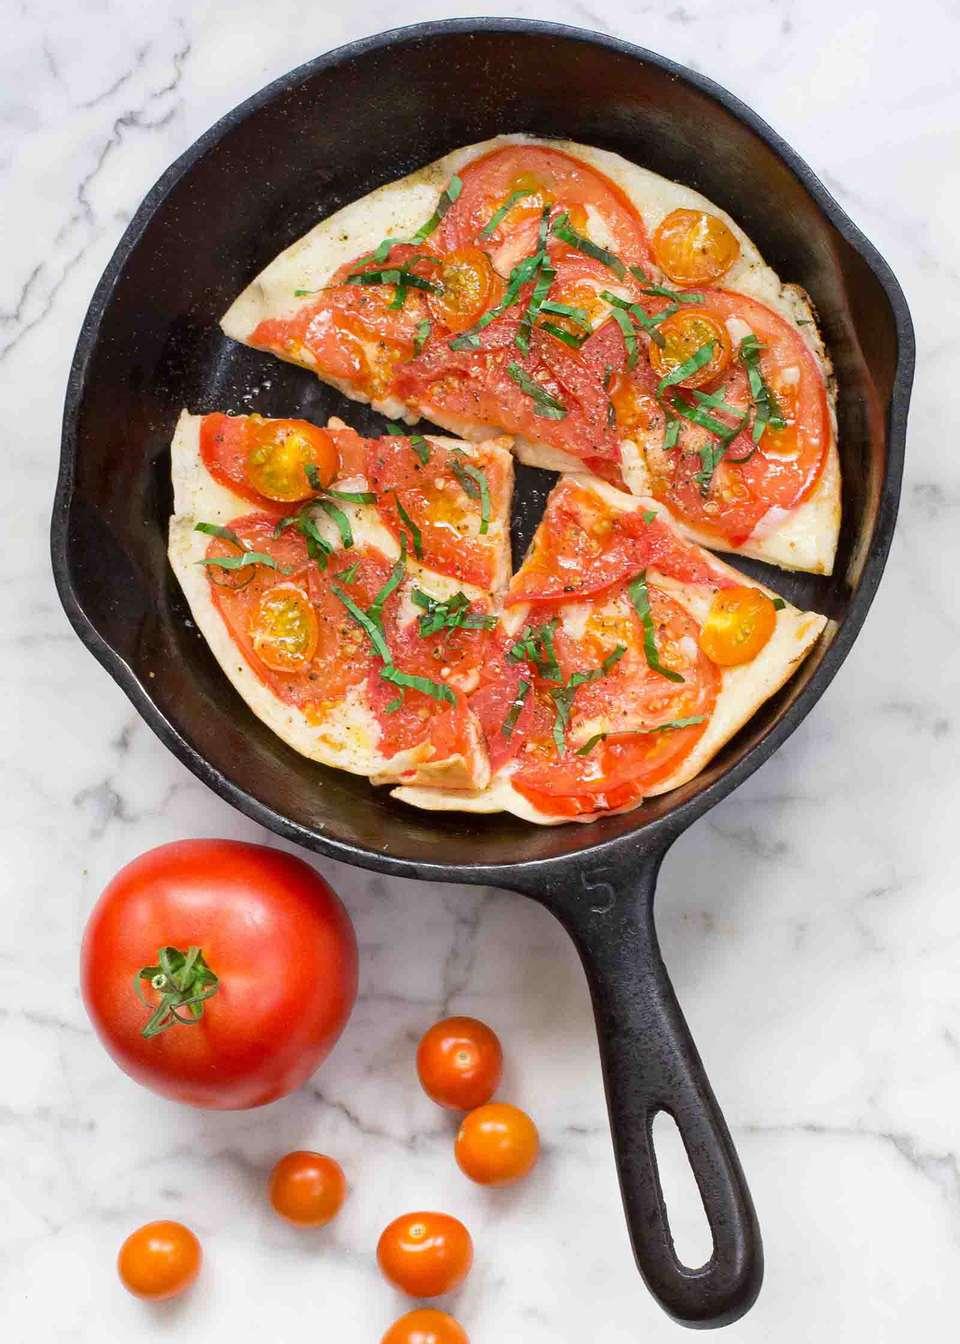 Tomato and Mozzarella Skillet Pita Pizzas